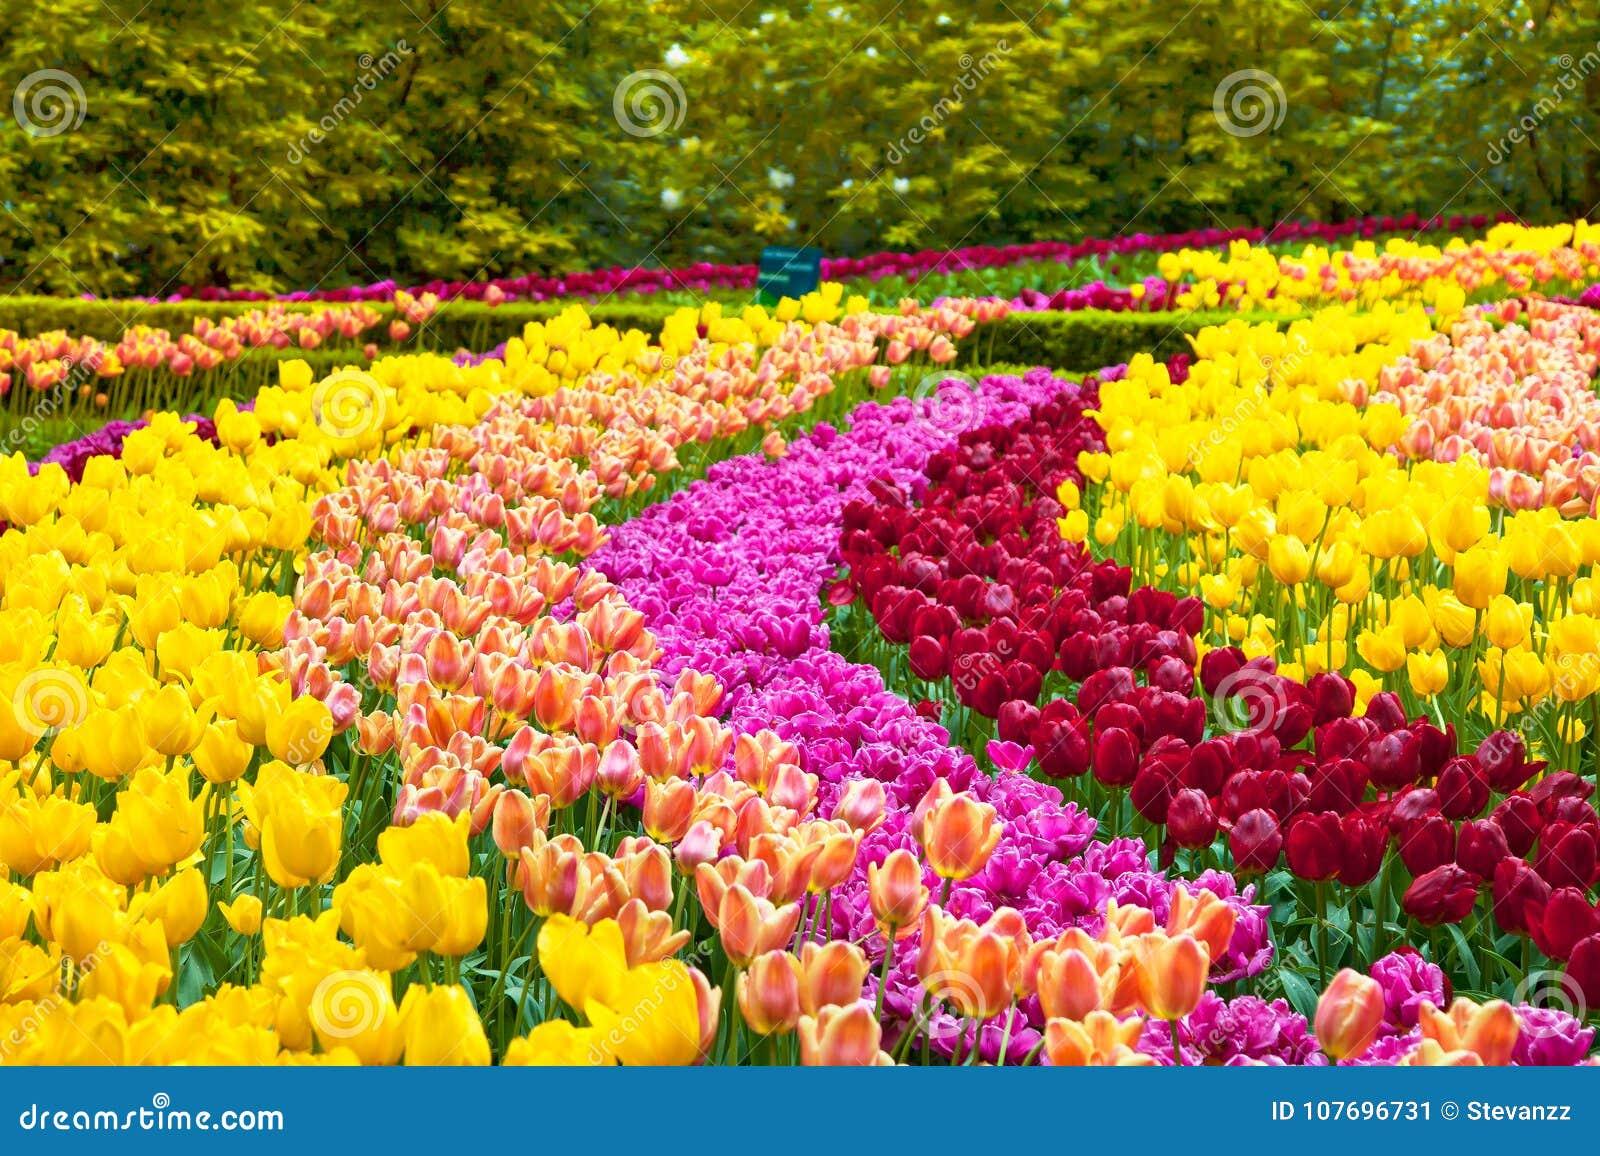 Fond Ou Modèle De Jardin De Fleurs De Tulipe Au Printemps Image ...